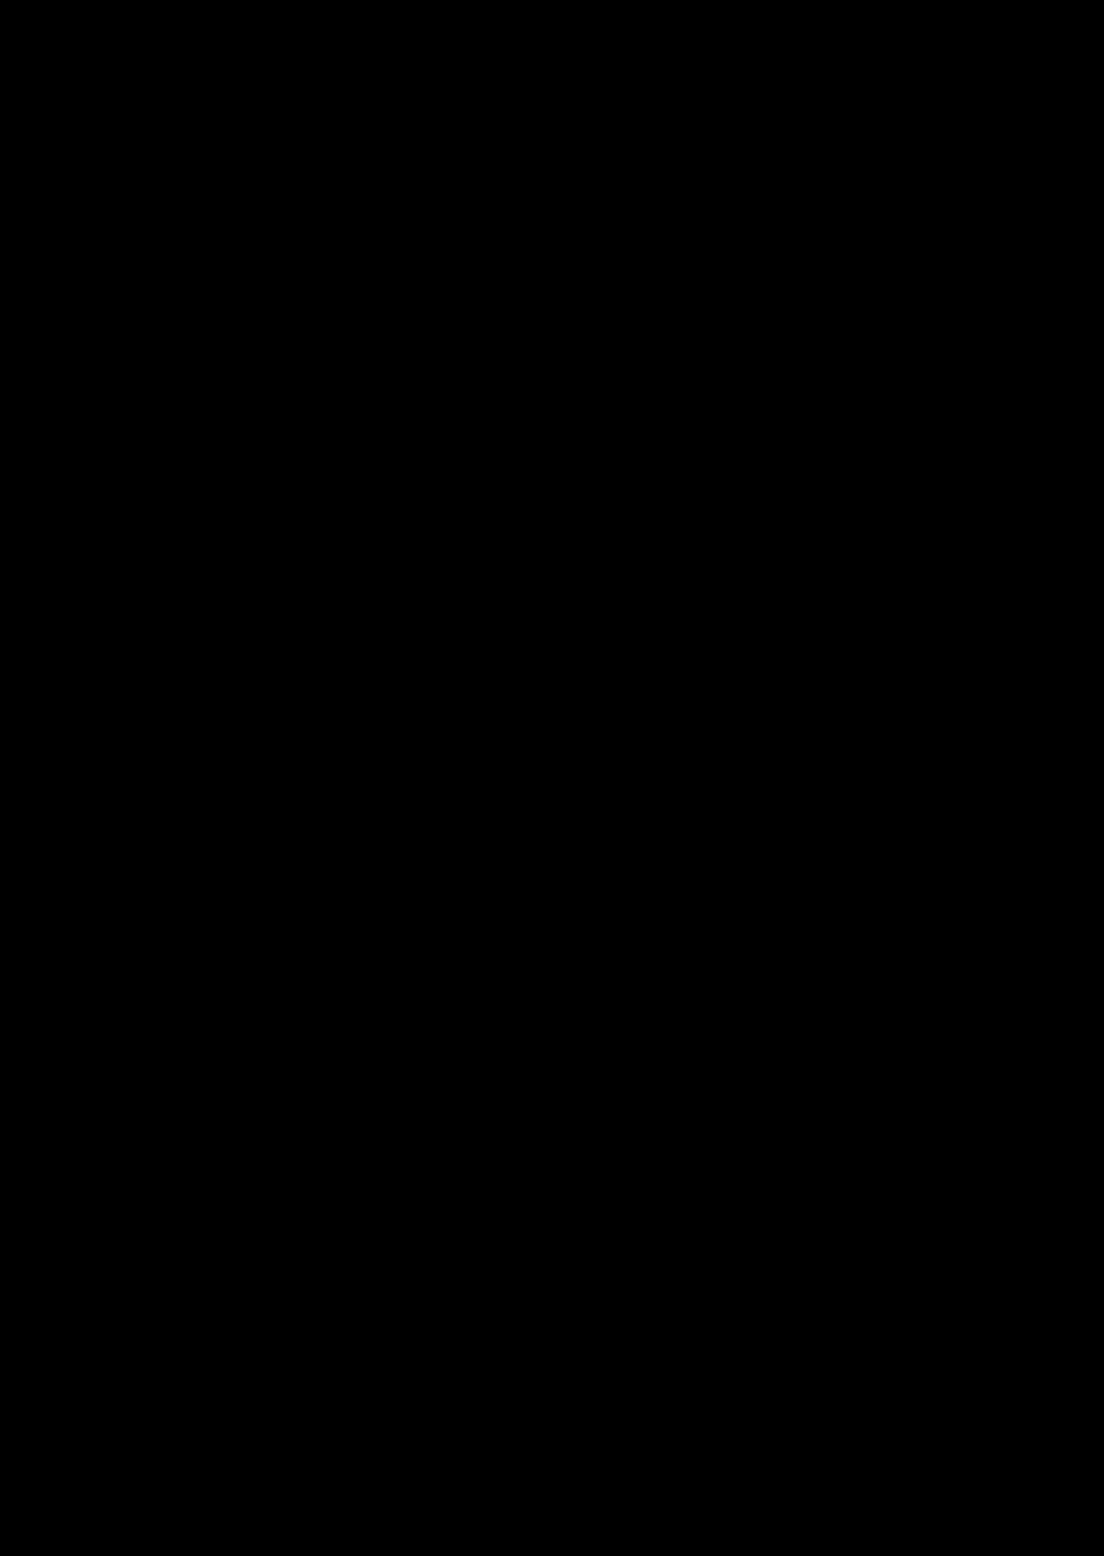 長編漫画「BIBLIOMANIA」連載 第1話「不死偽(ふしぎ)の館のアリス」40P